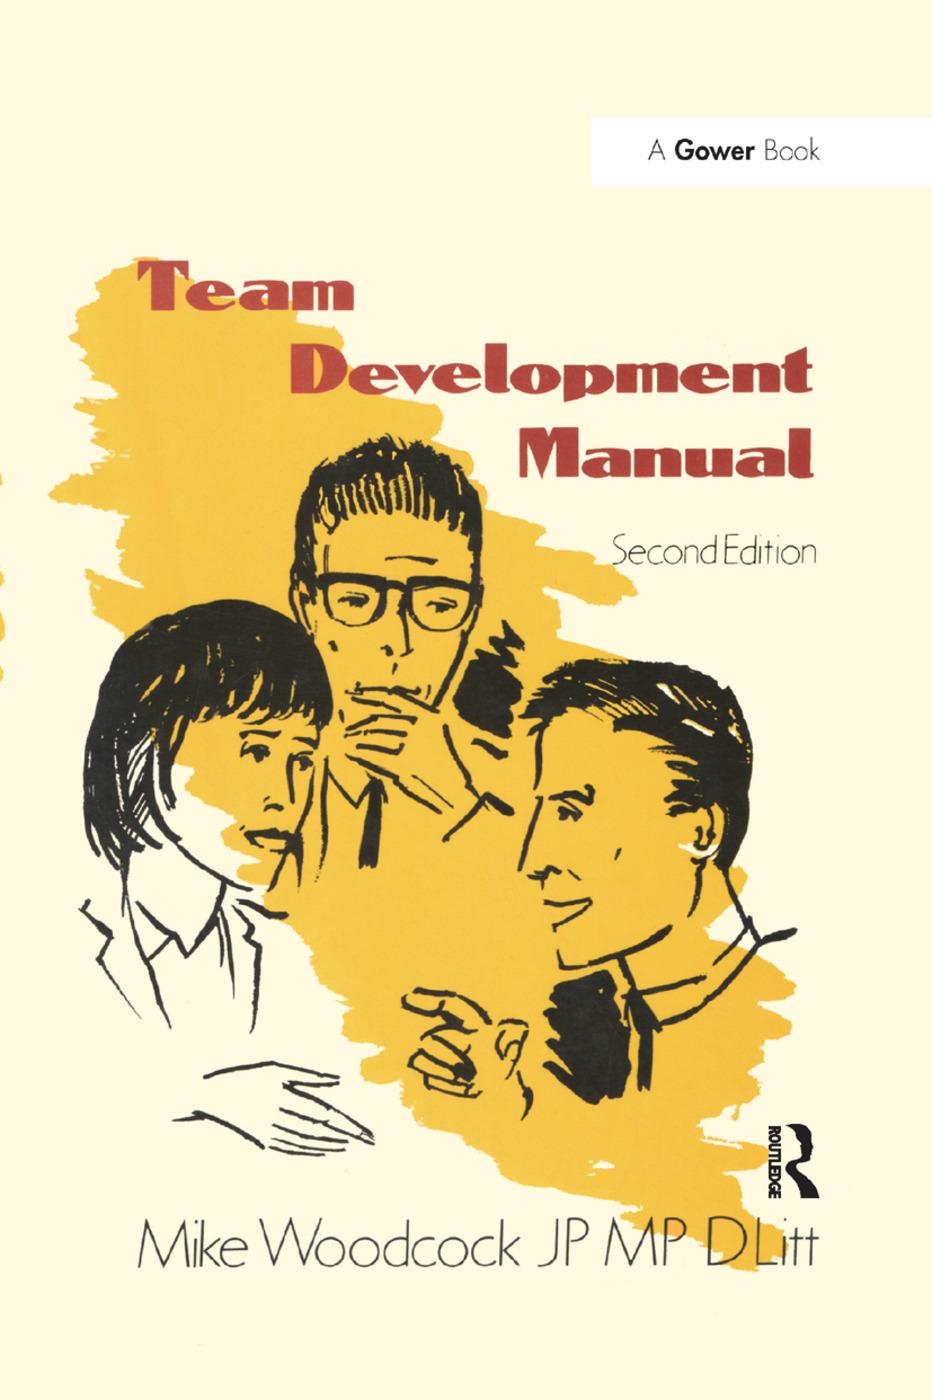 Team Development Manual book cover